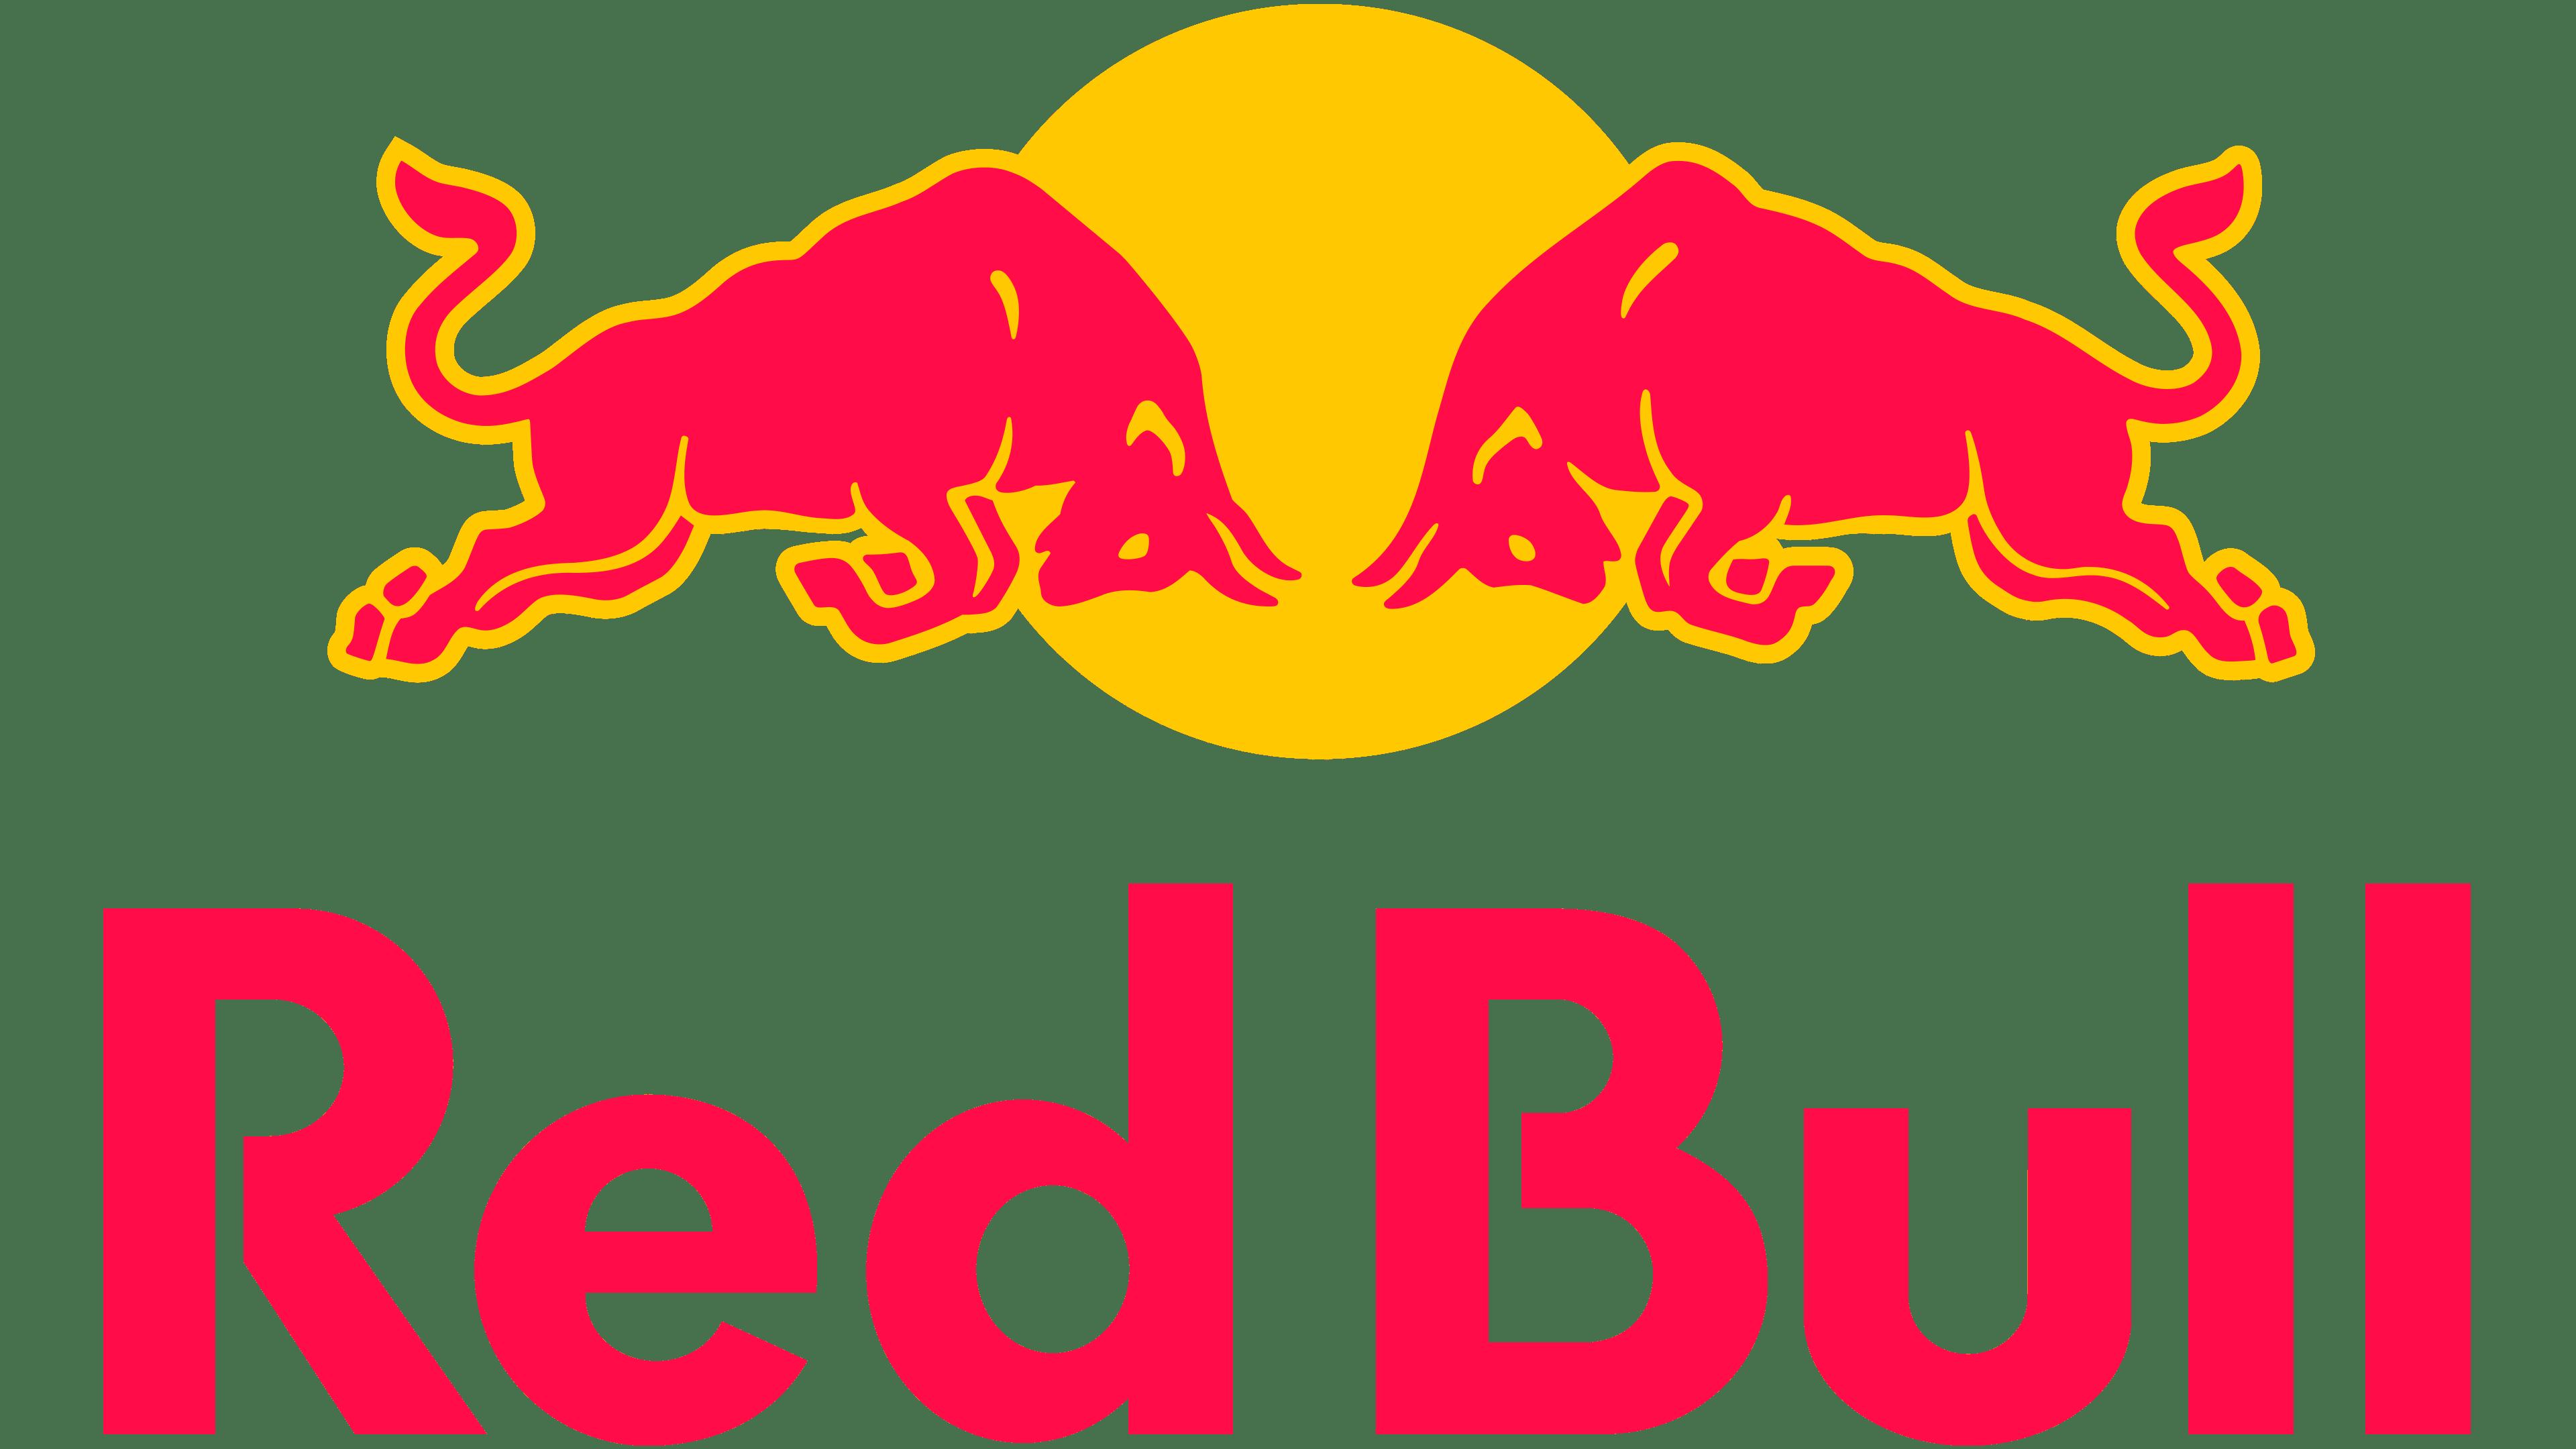 1 Redbull